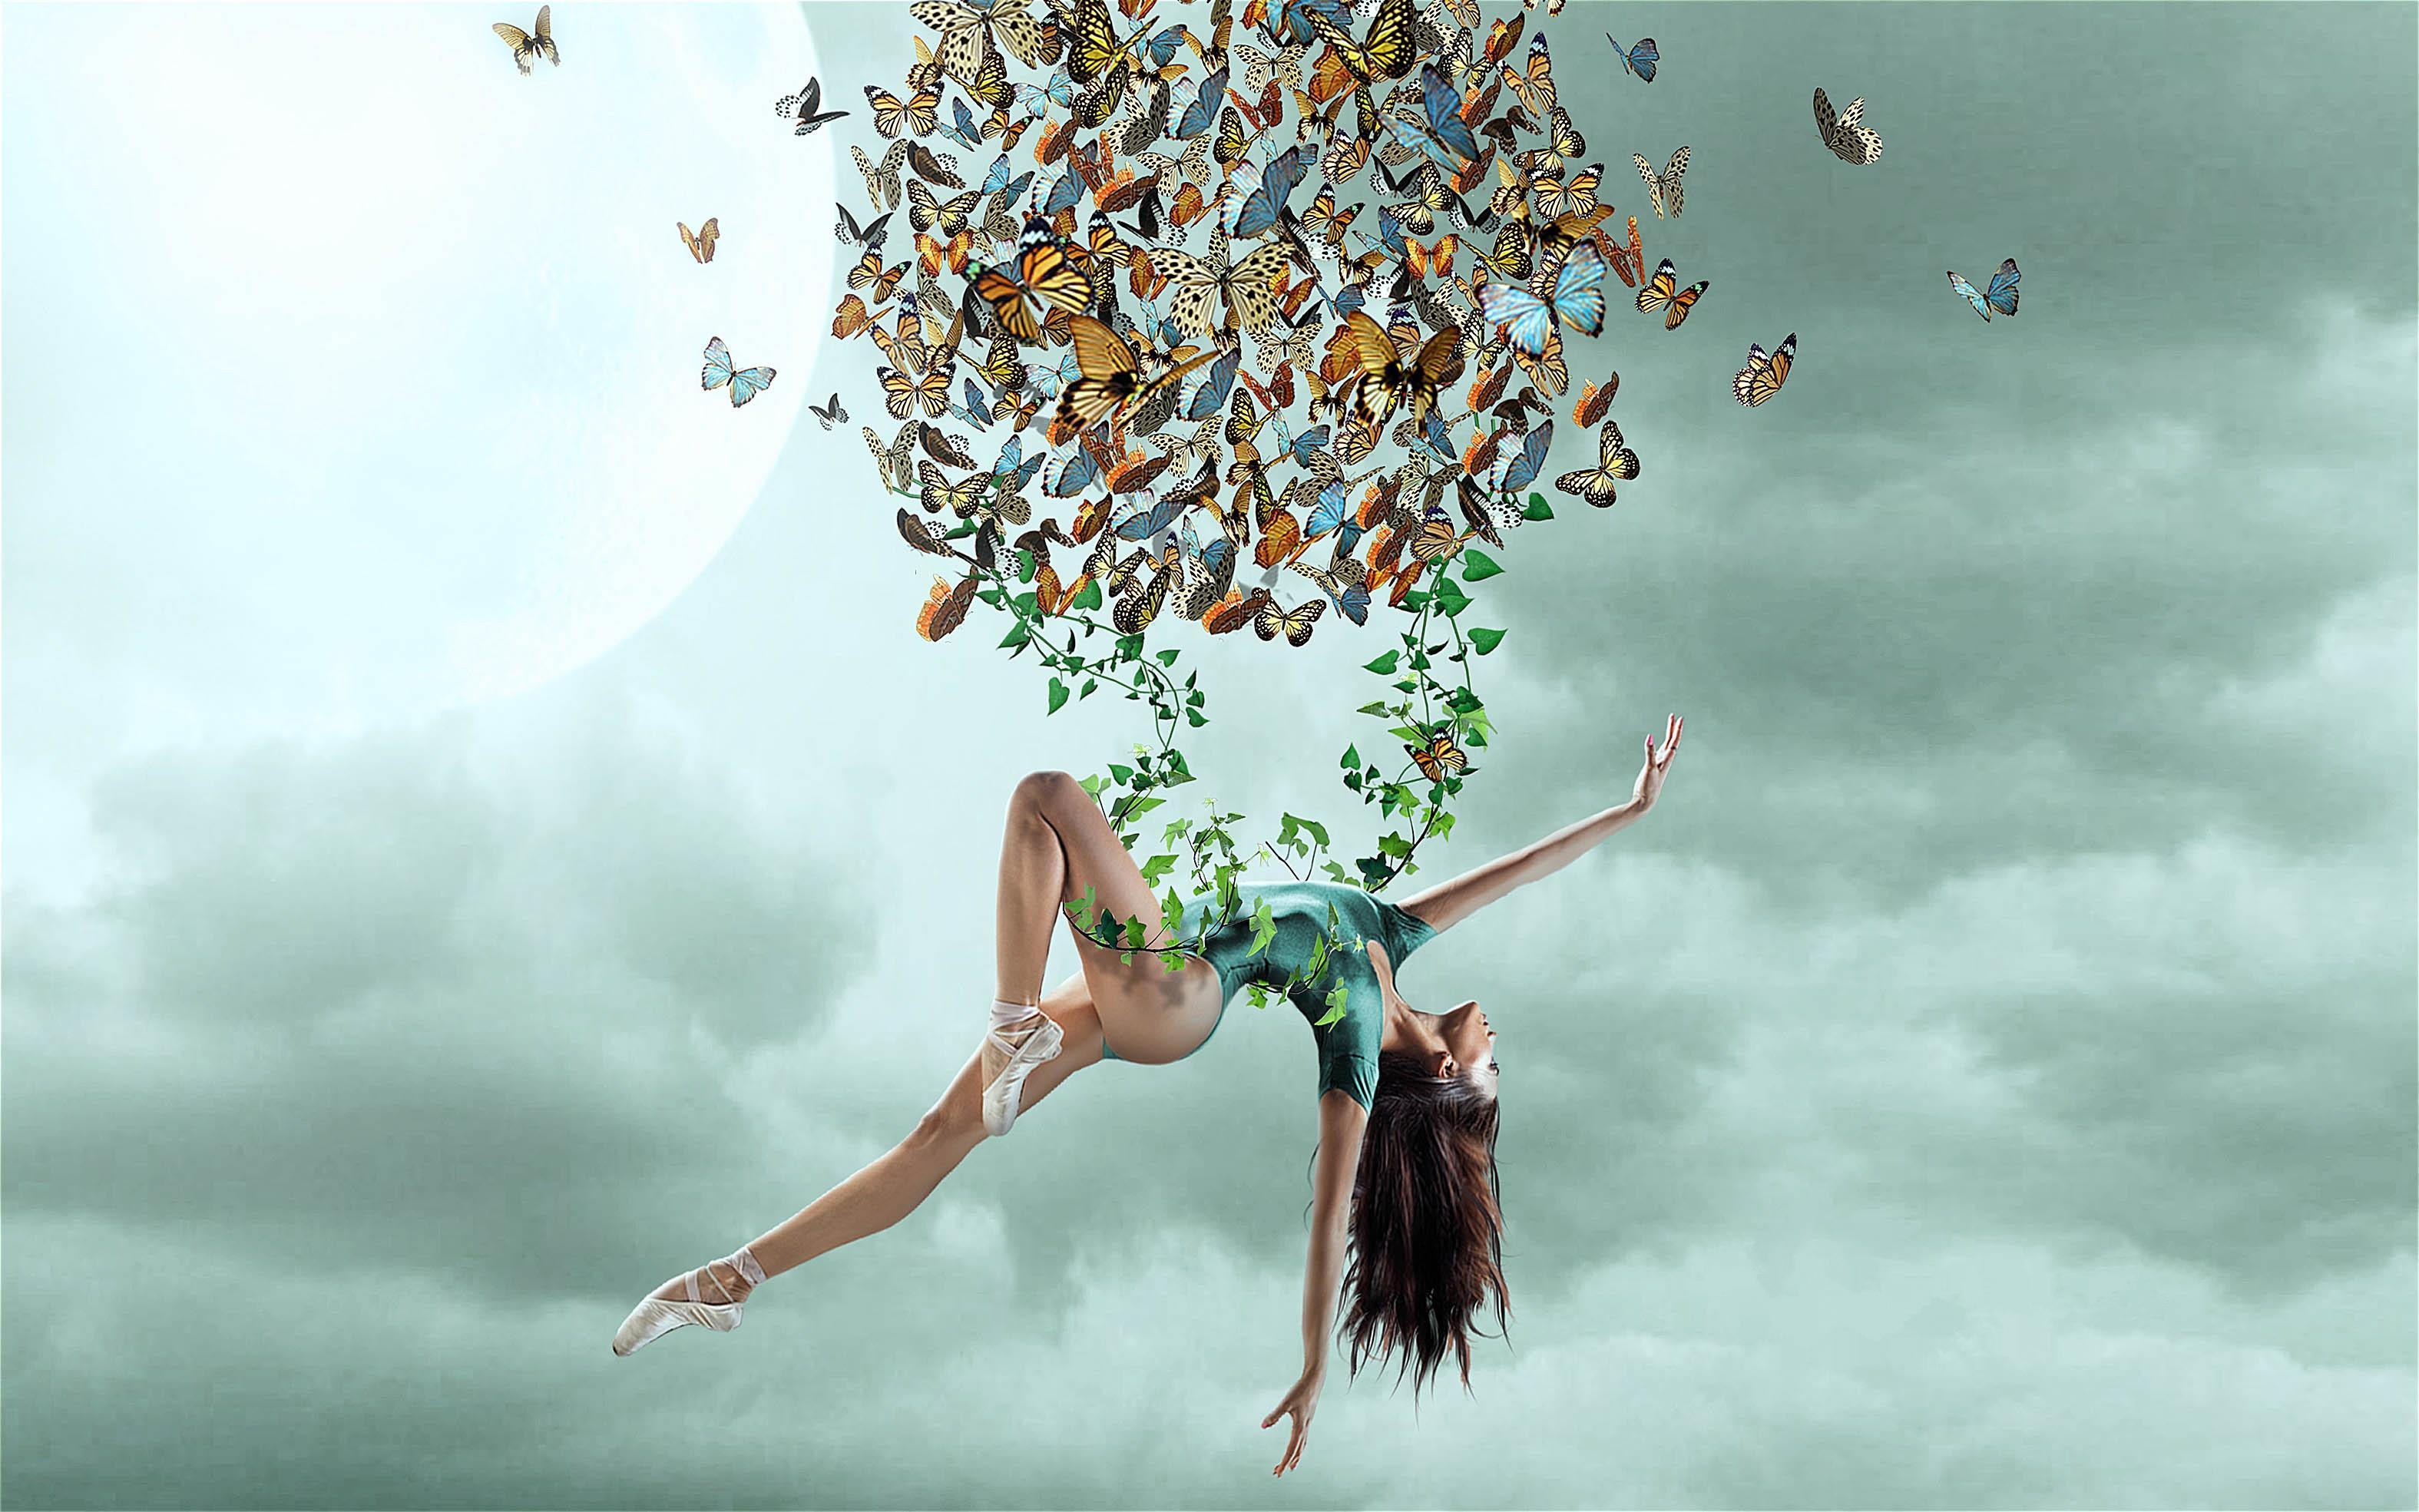 Обои небо, девушка, гимнастка, бабочки